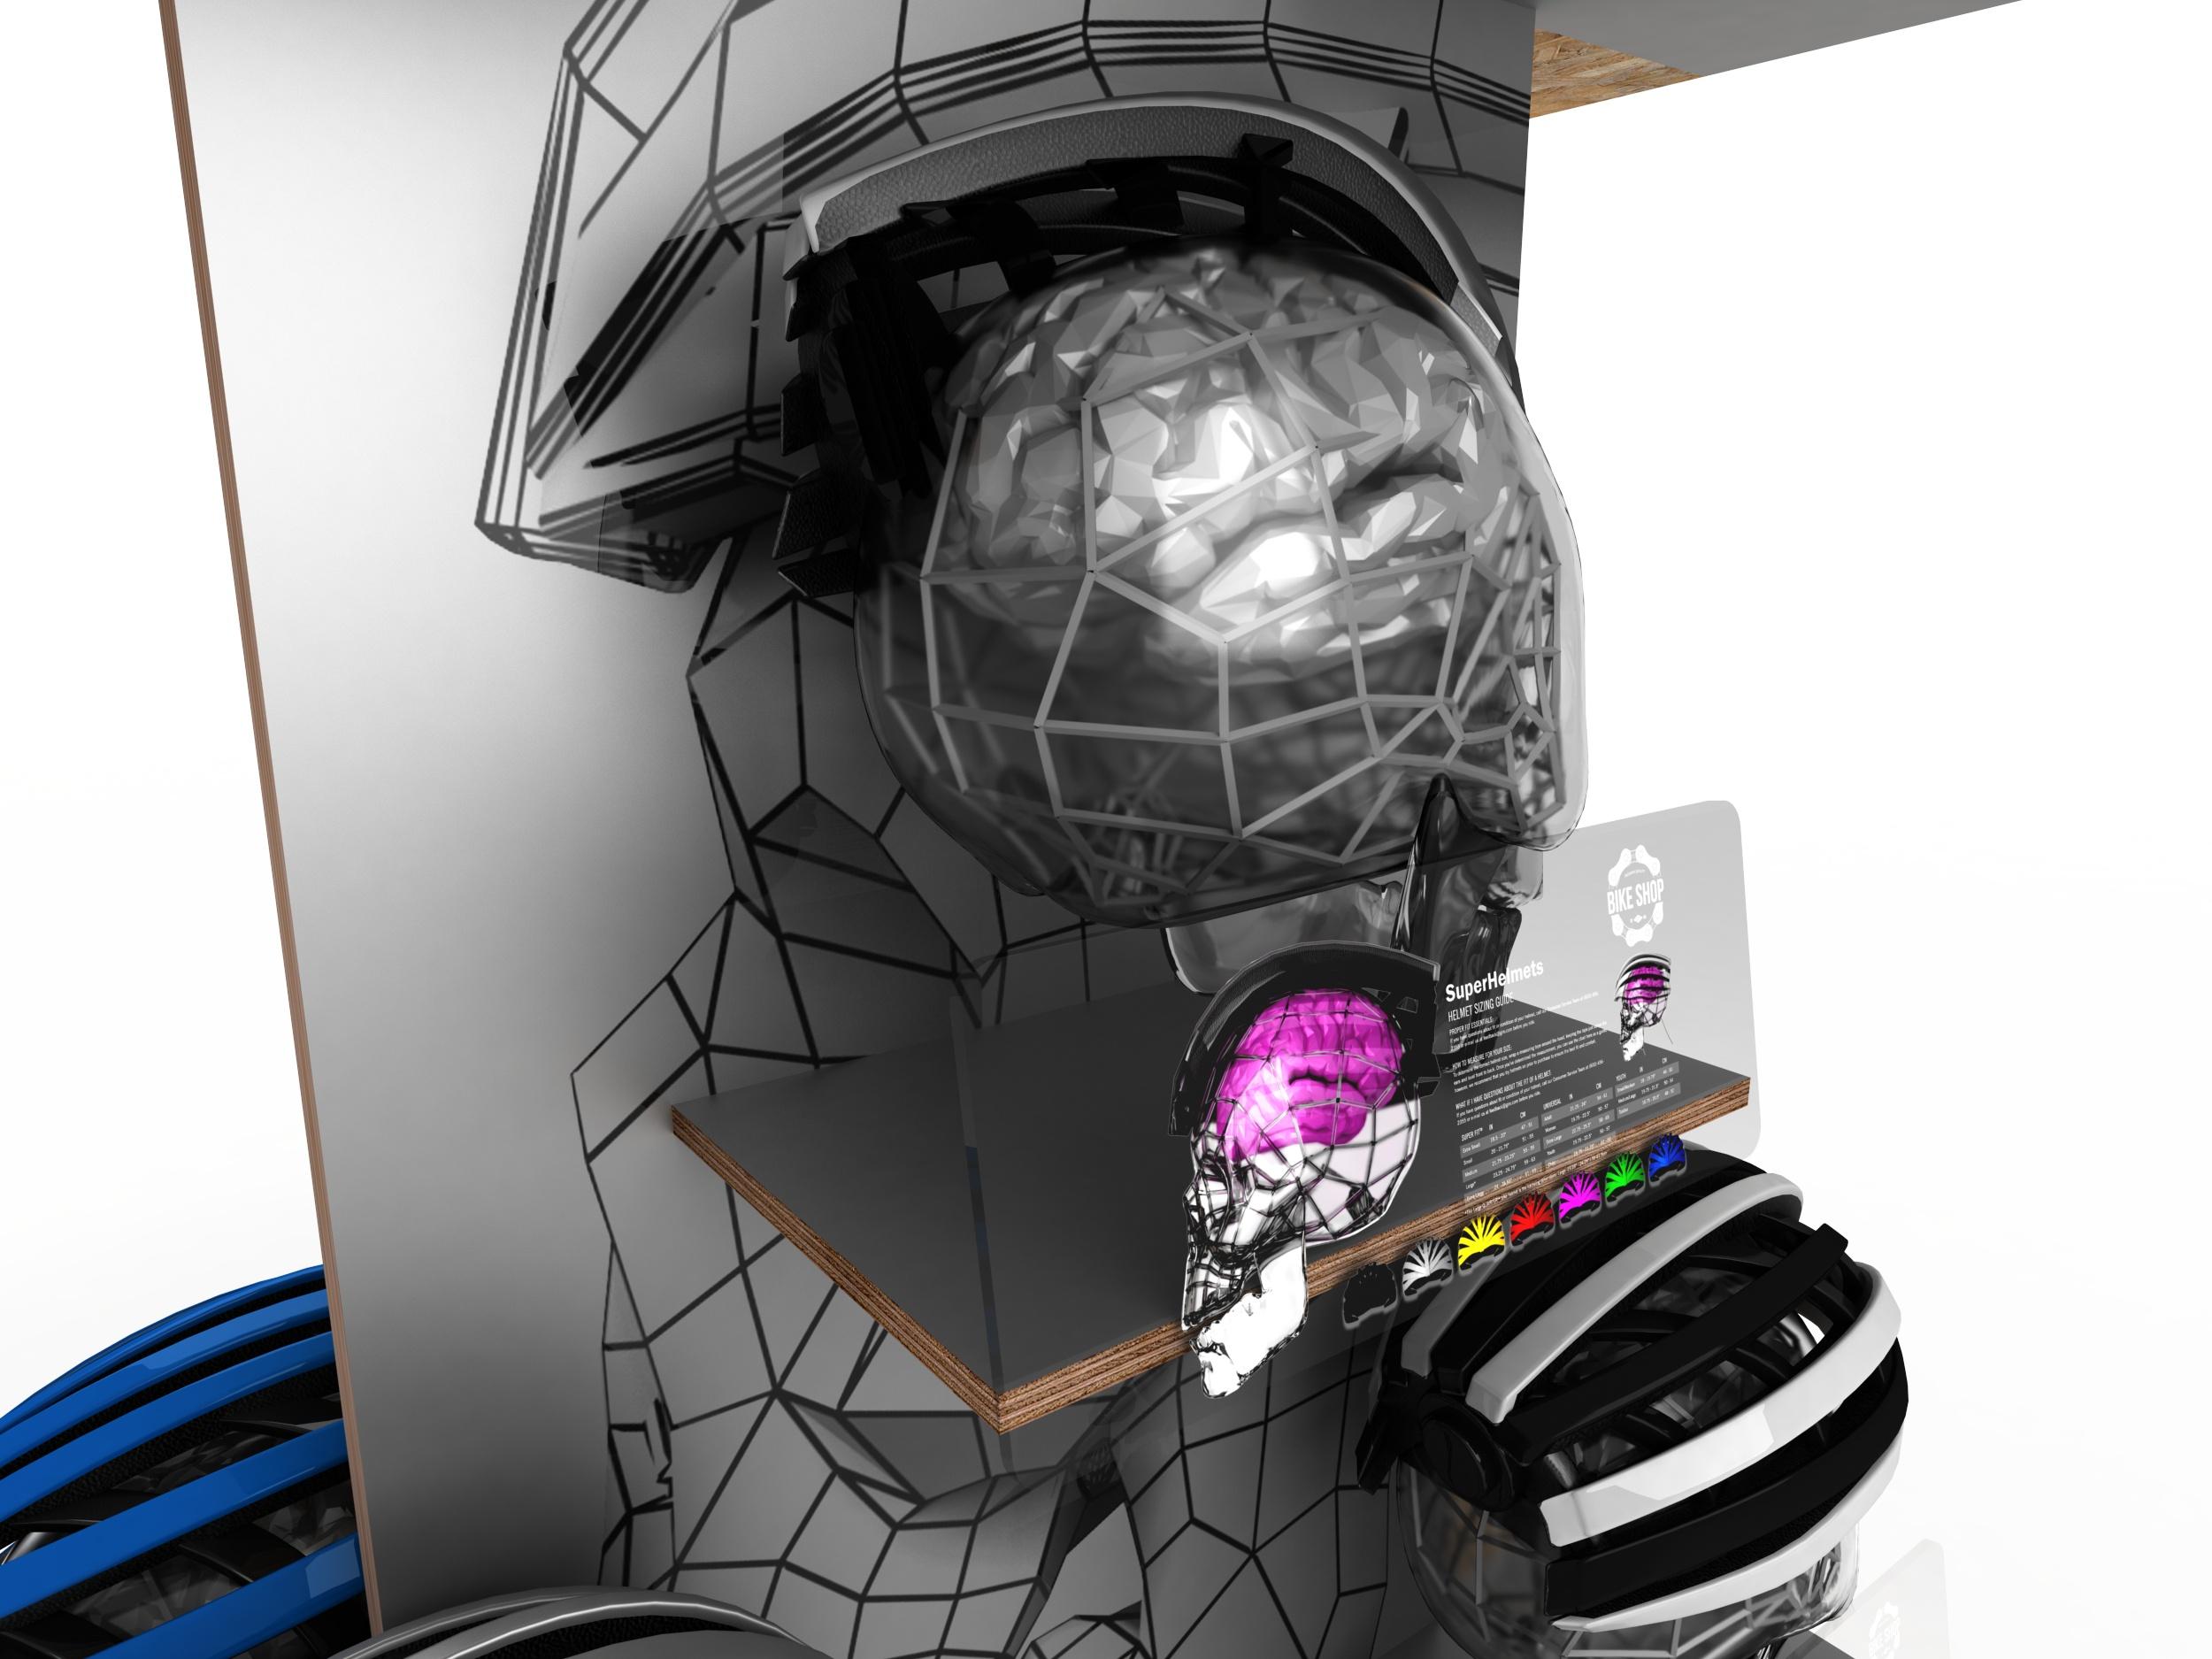 POS_Cycle Helmet Multi_002.jpg